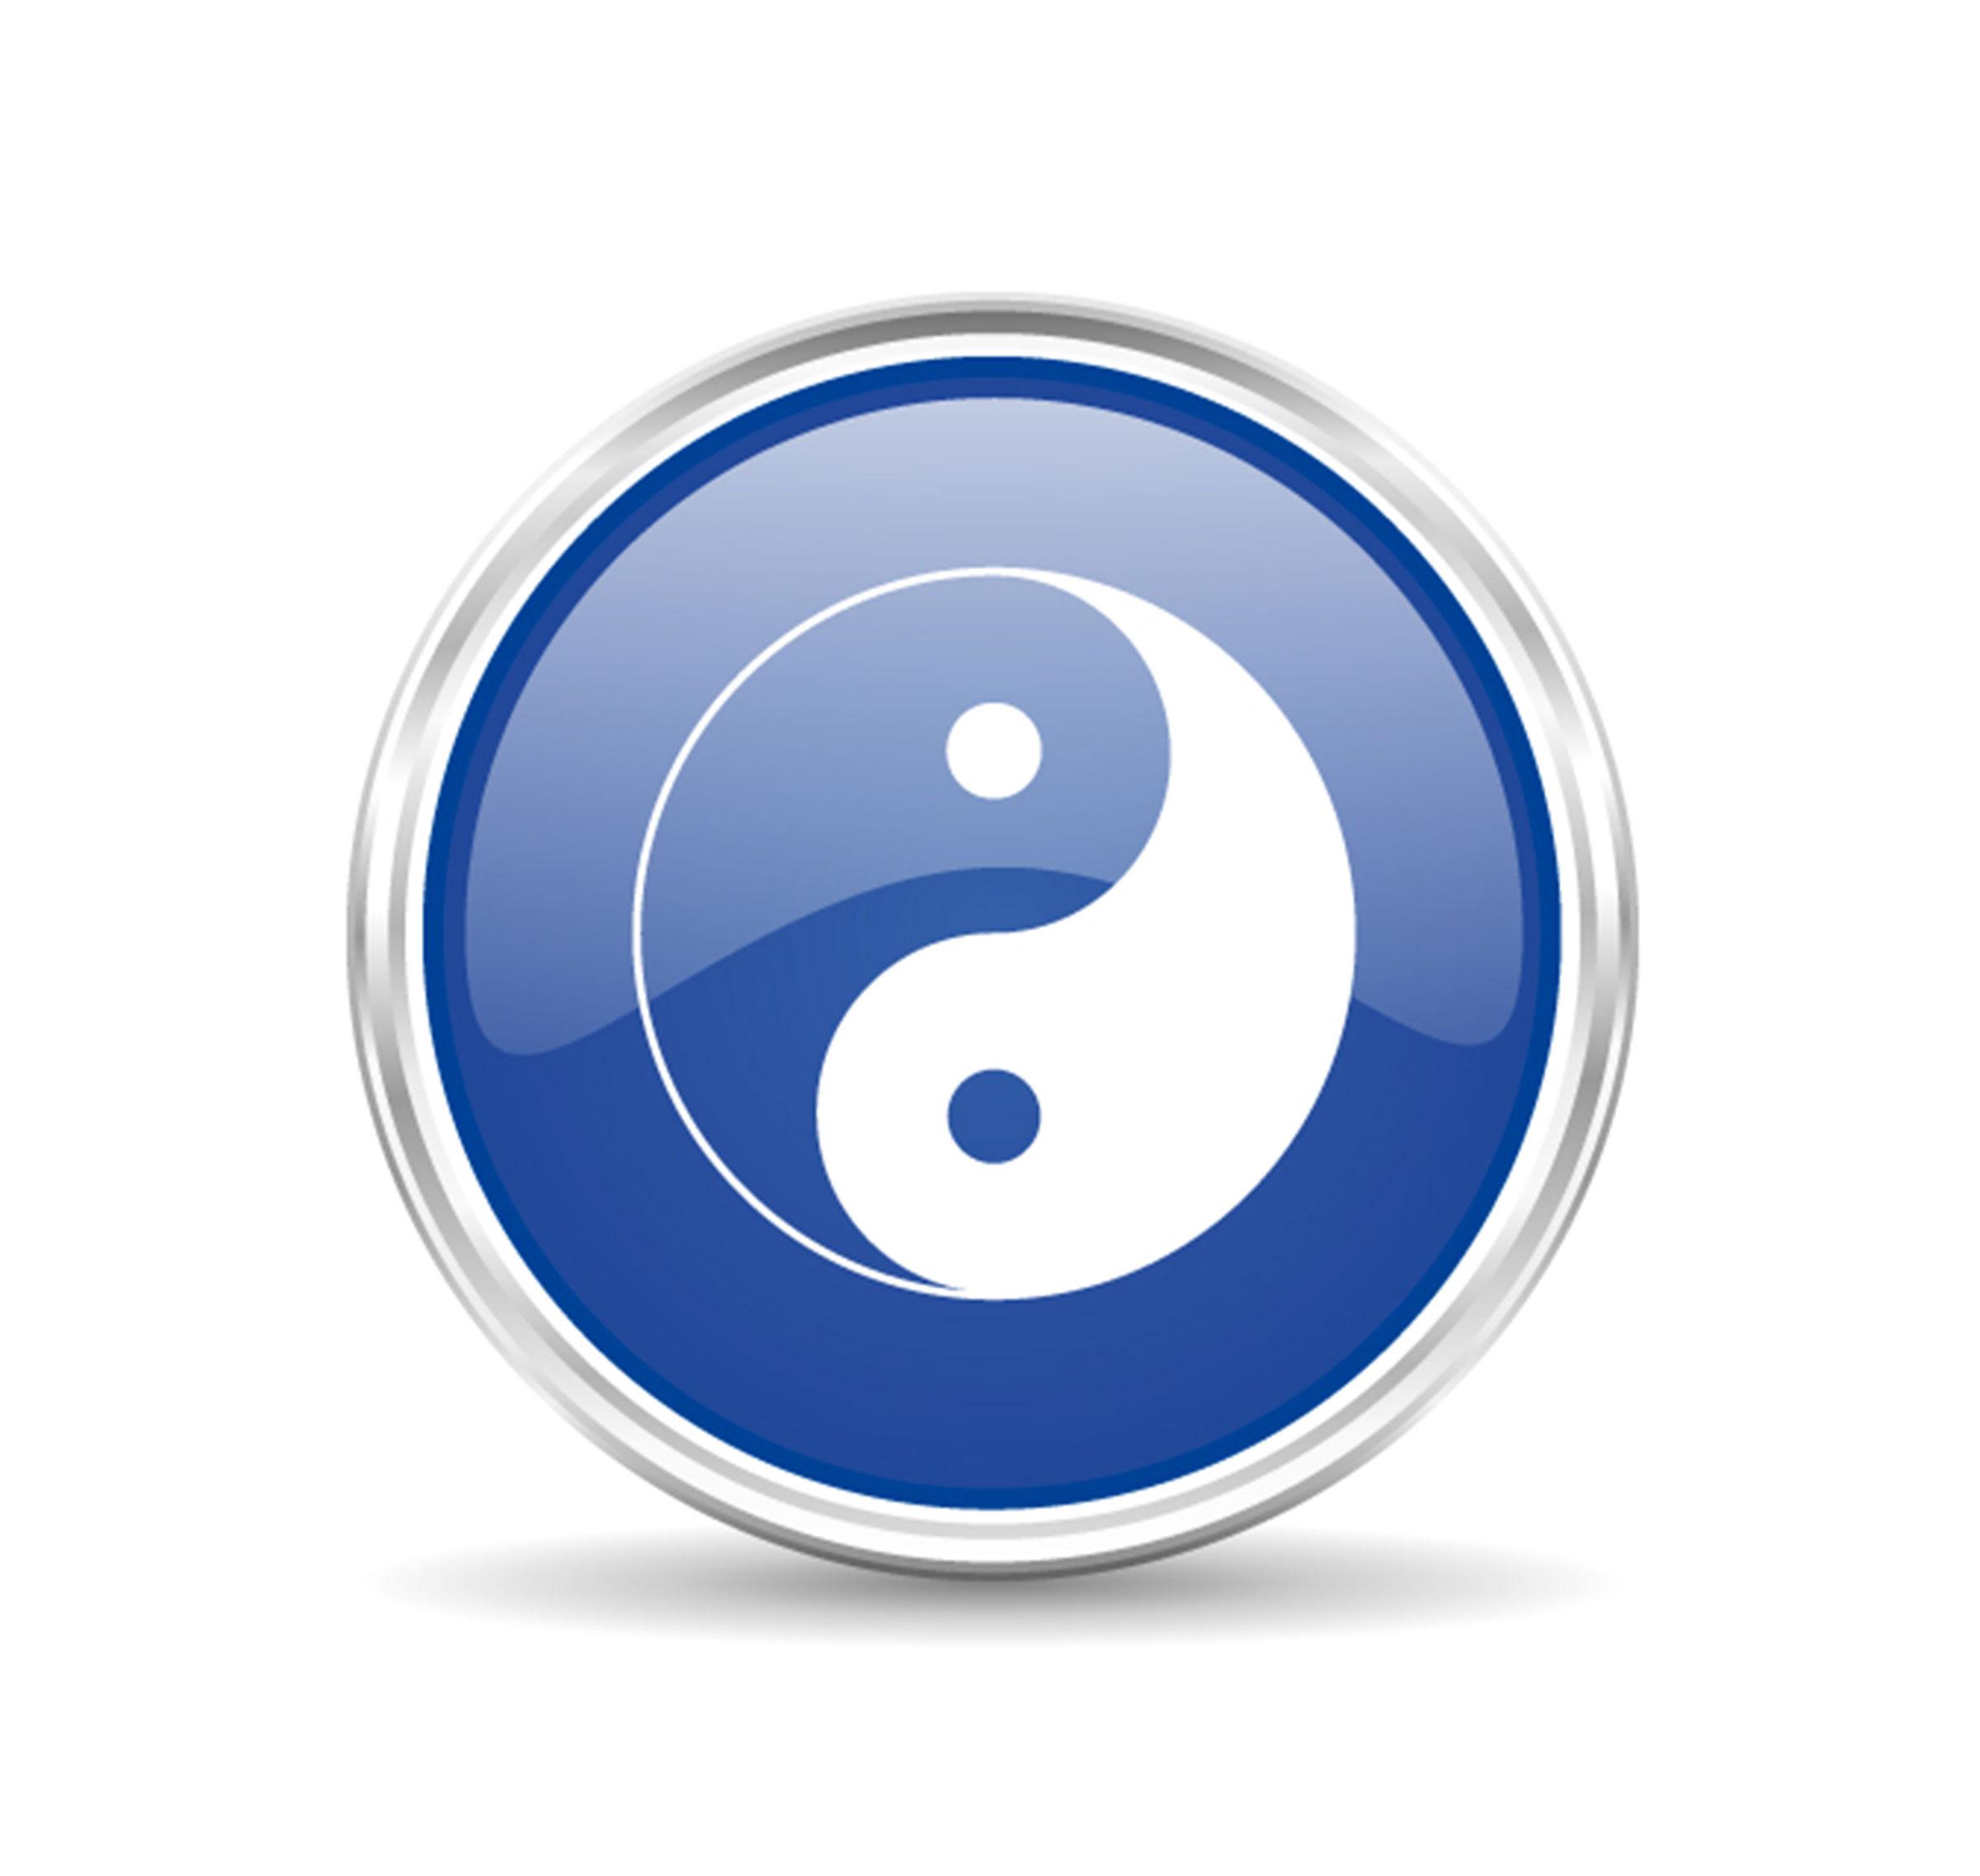 Marqueur de balle golf collection peace yin-yang bleu - Missteegreen